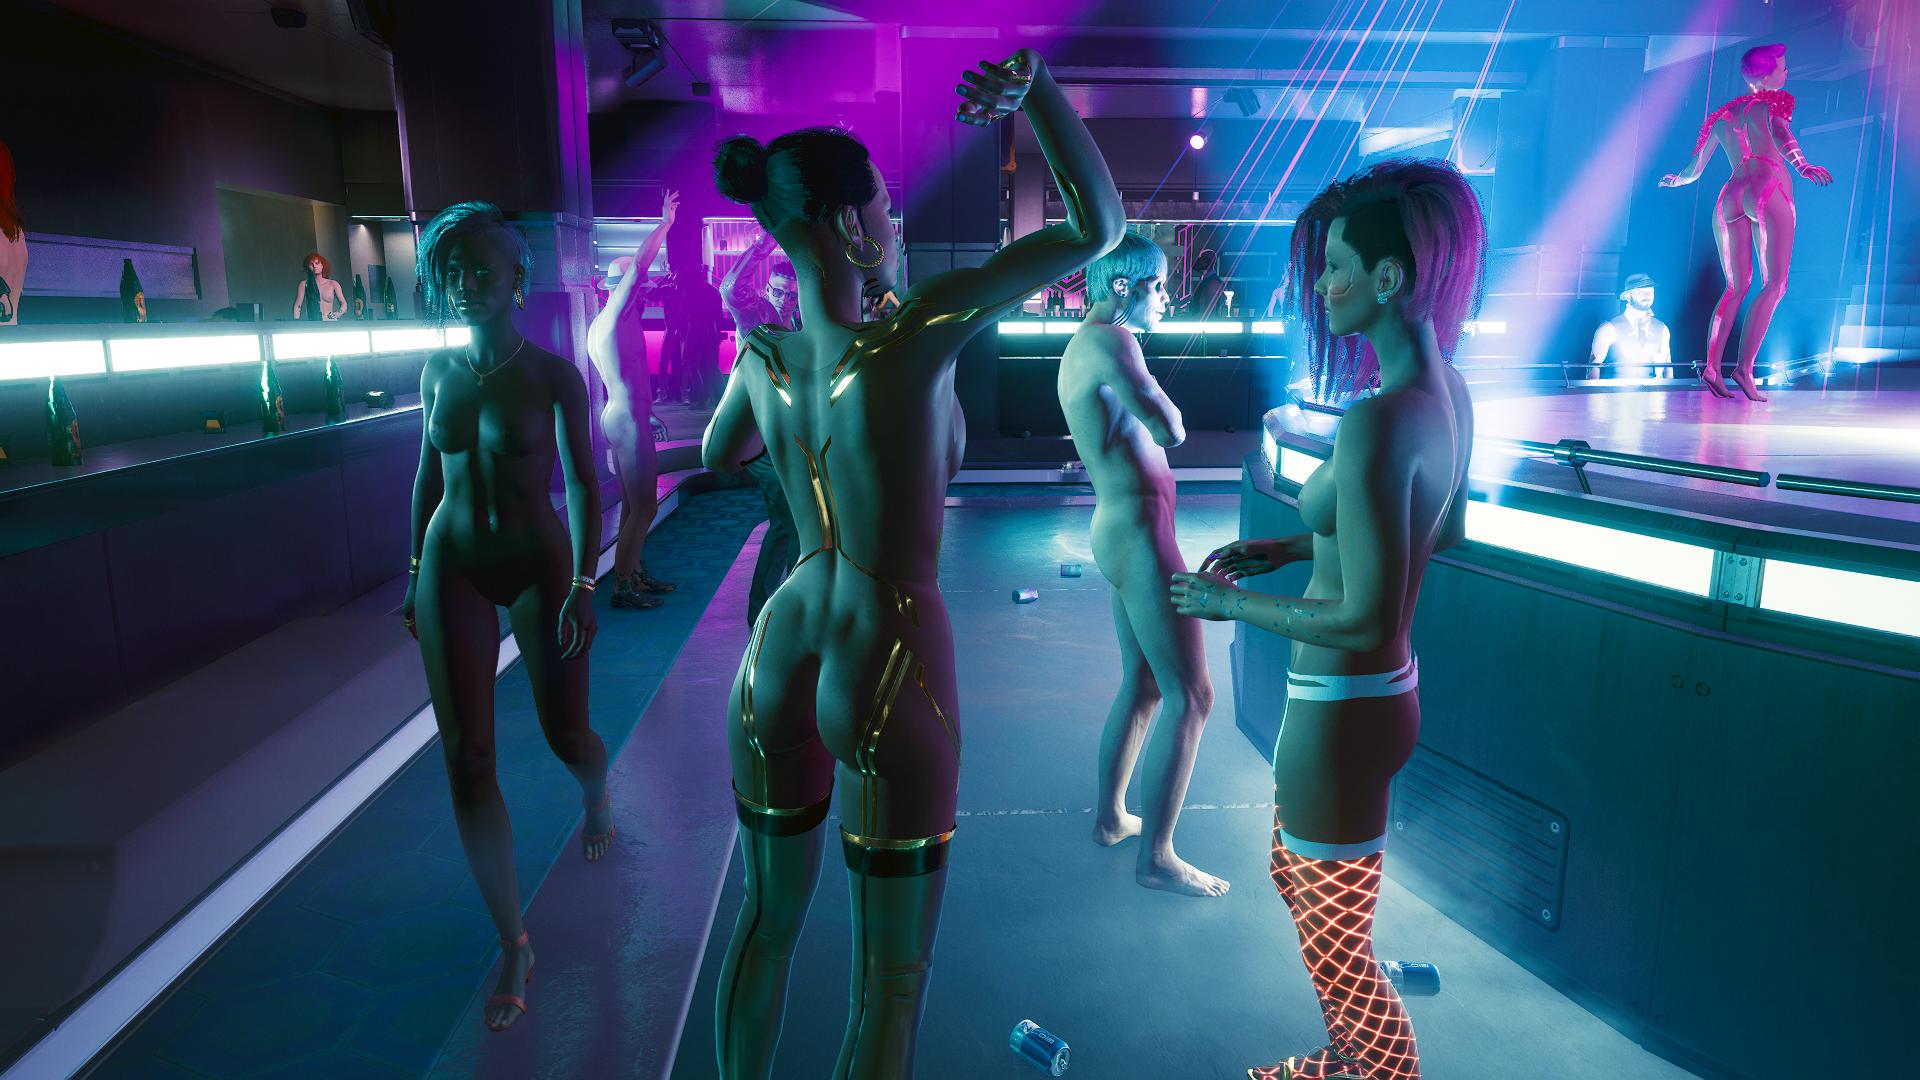 """Ви в ночном клубе на закрытой """"Ню-вечеринке""""."""